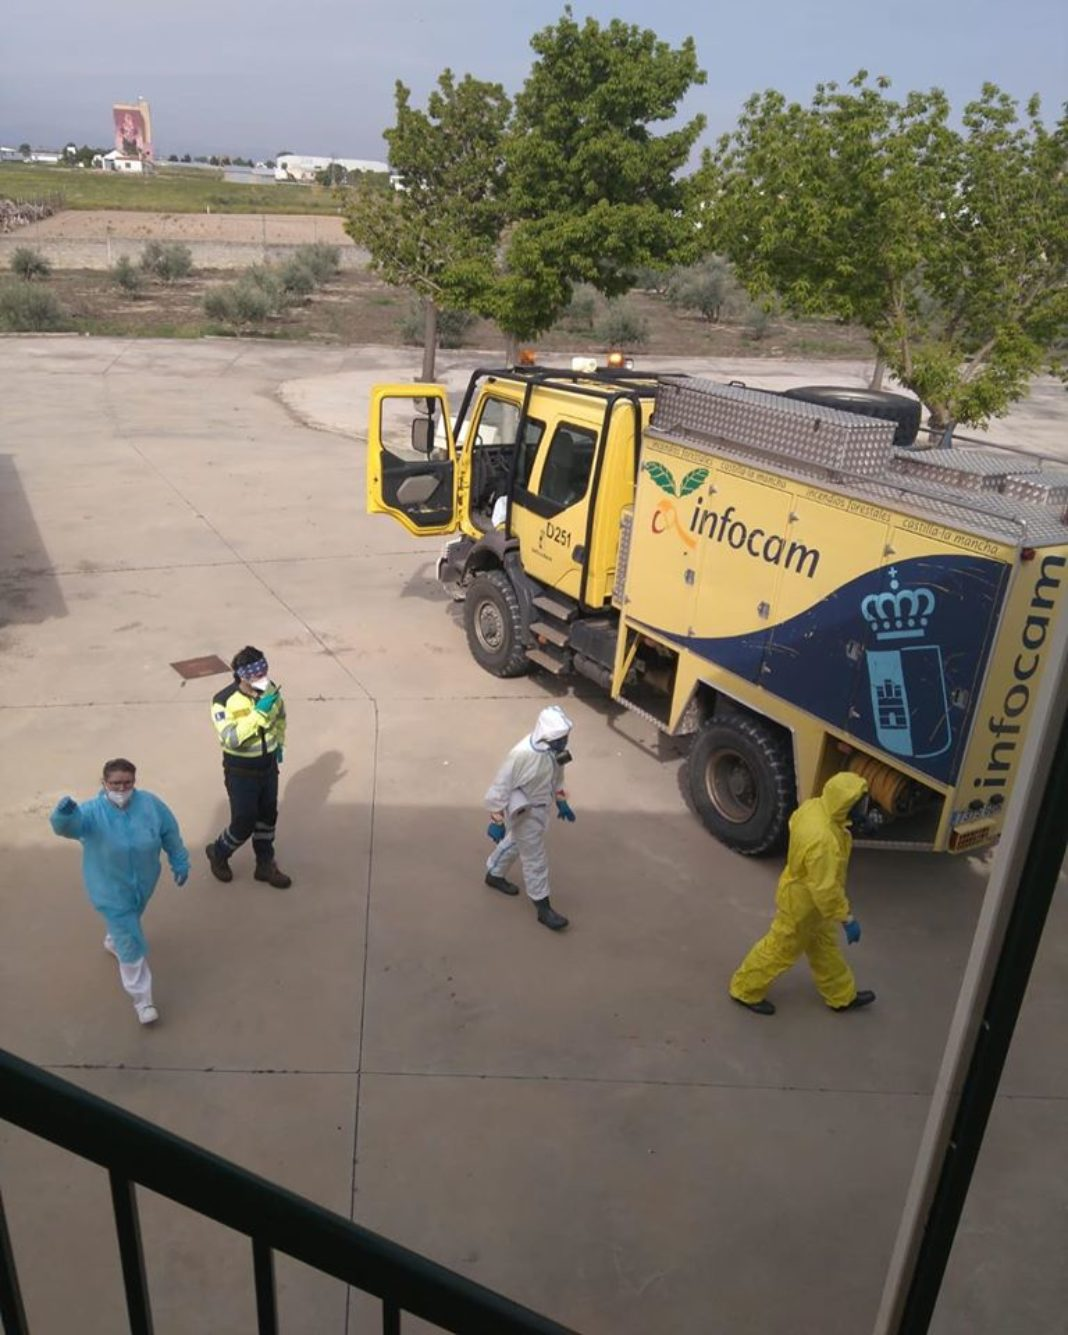 tareas de desinfección en residencias de Herencia3 1068x1335 - Nueva desinfección del centro de salud, residencias, calles y espacios públicos de Herencia